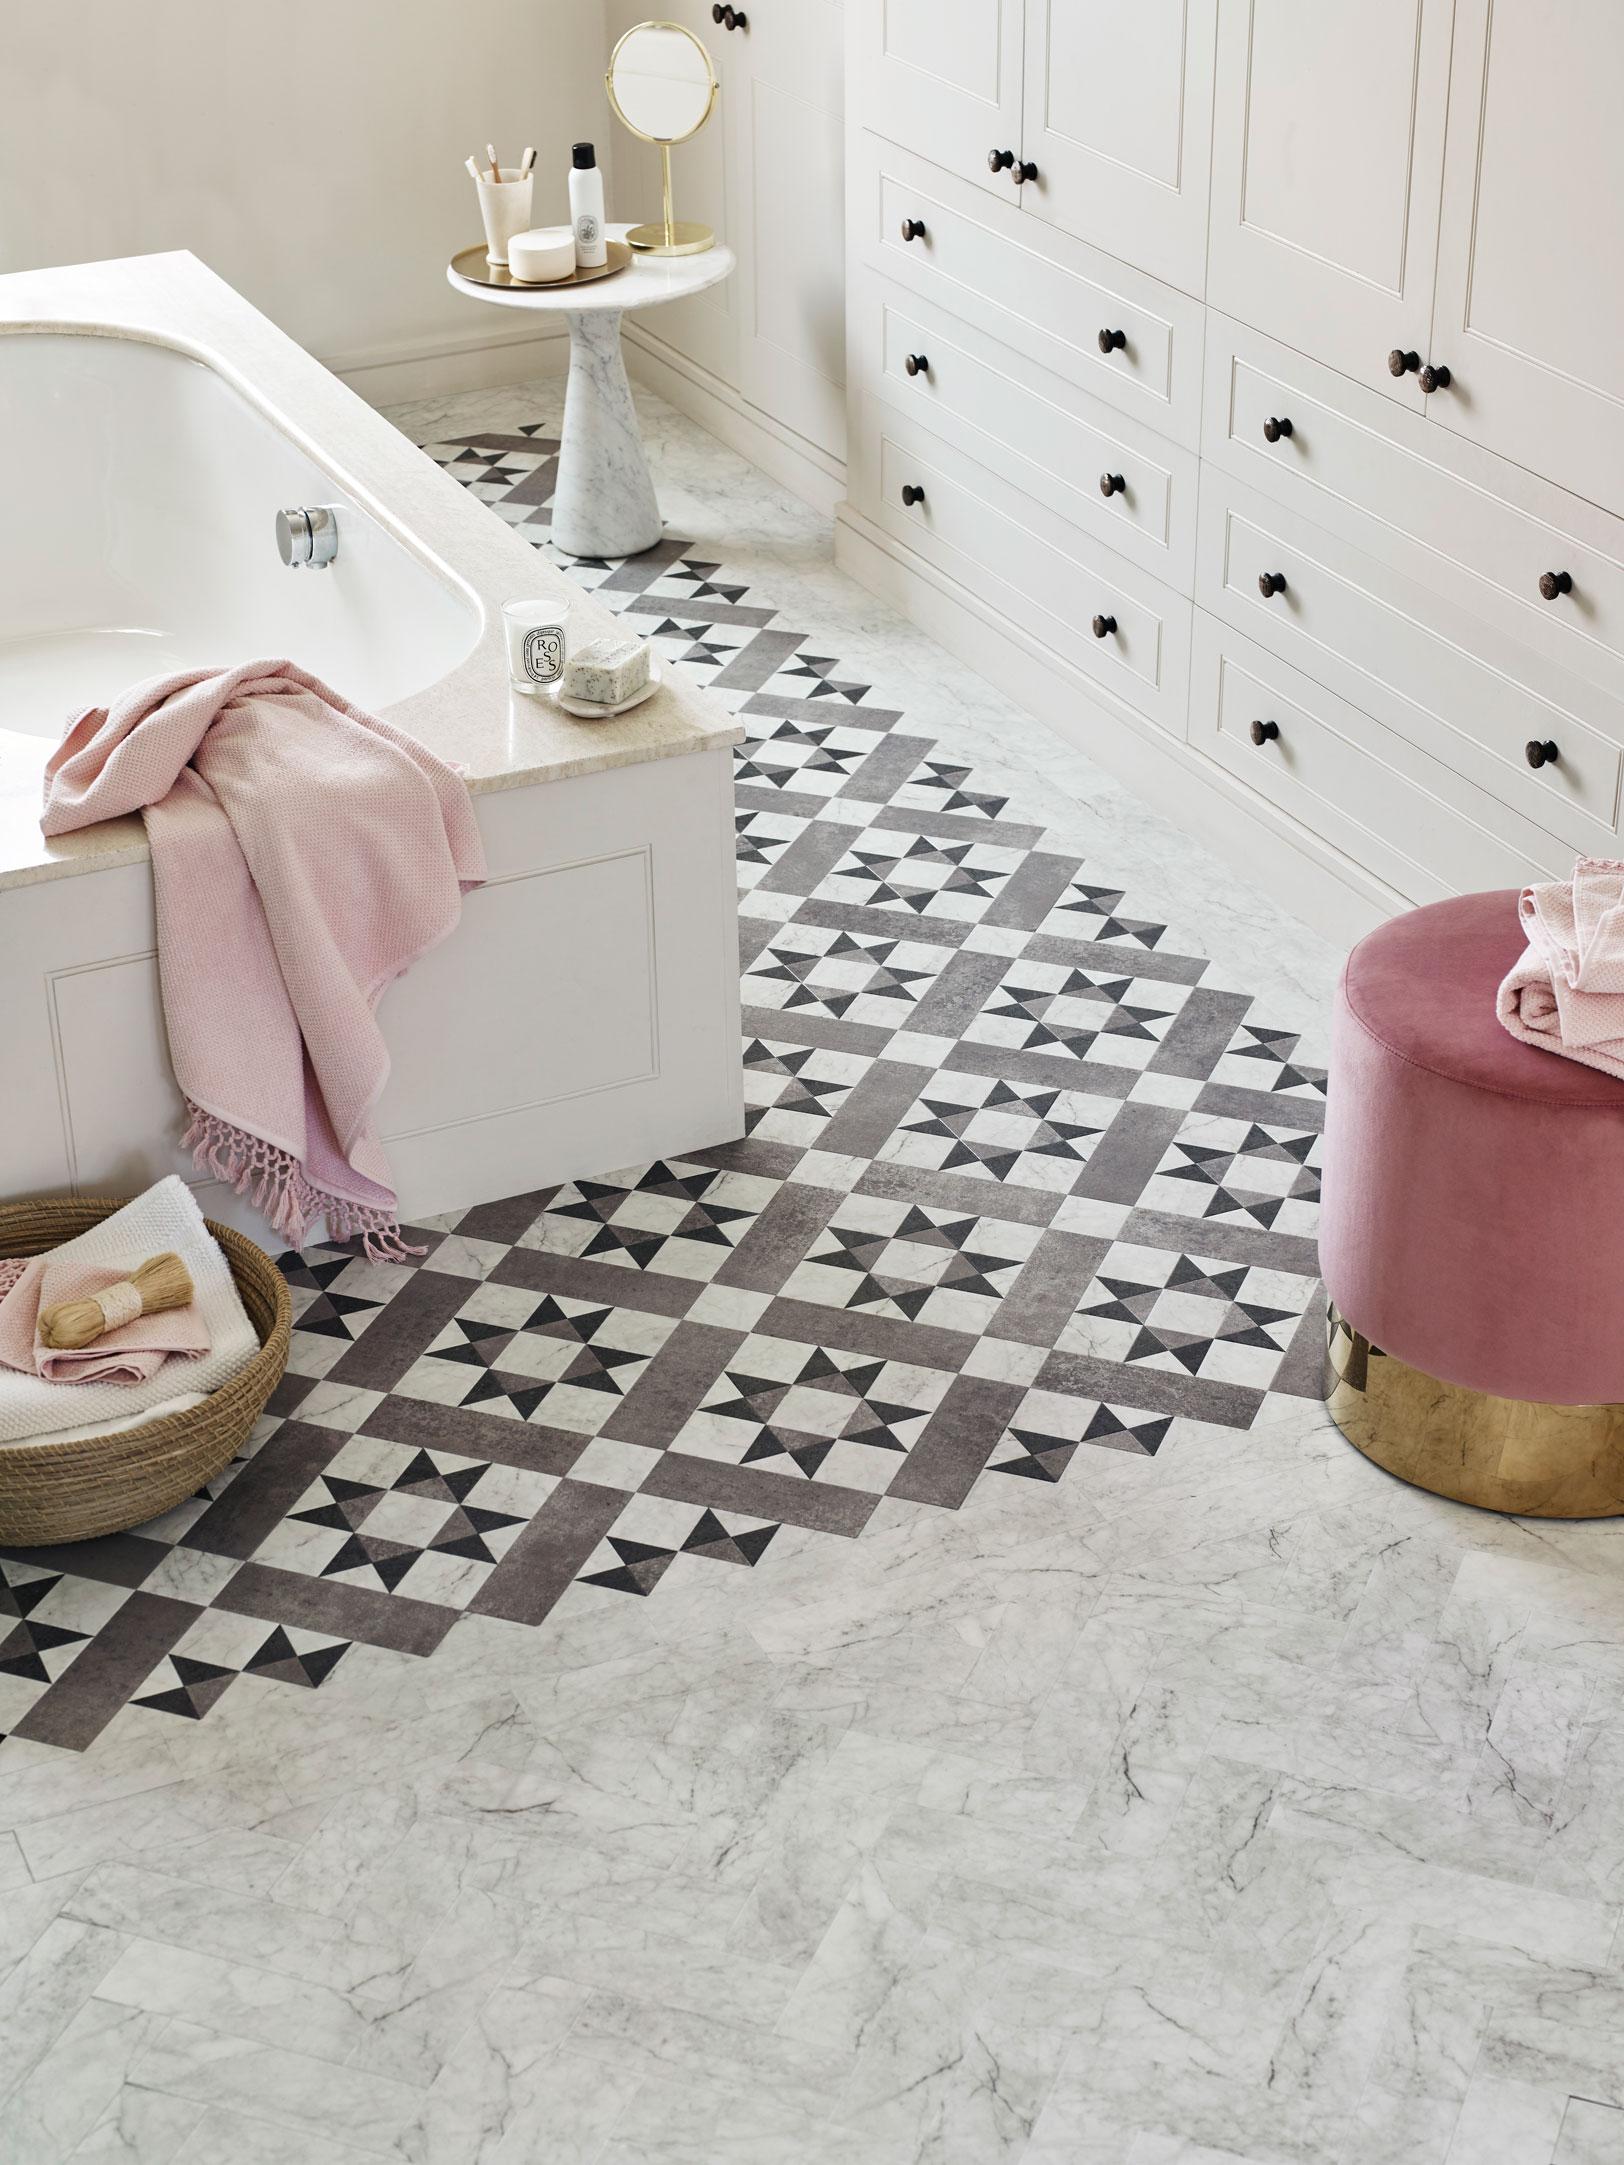 Bathroom_DecorMarble_144_RT